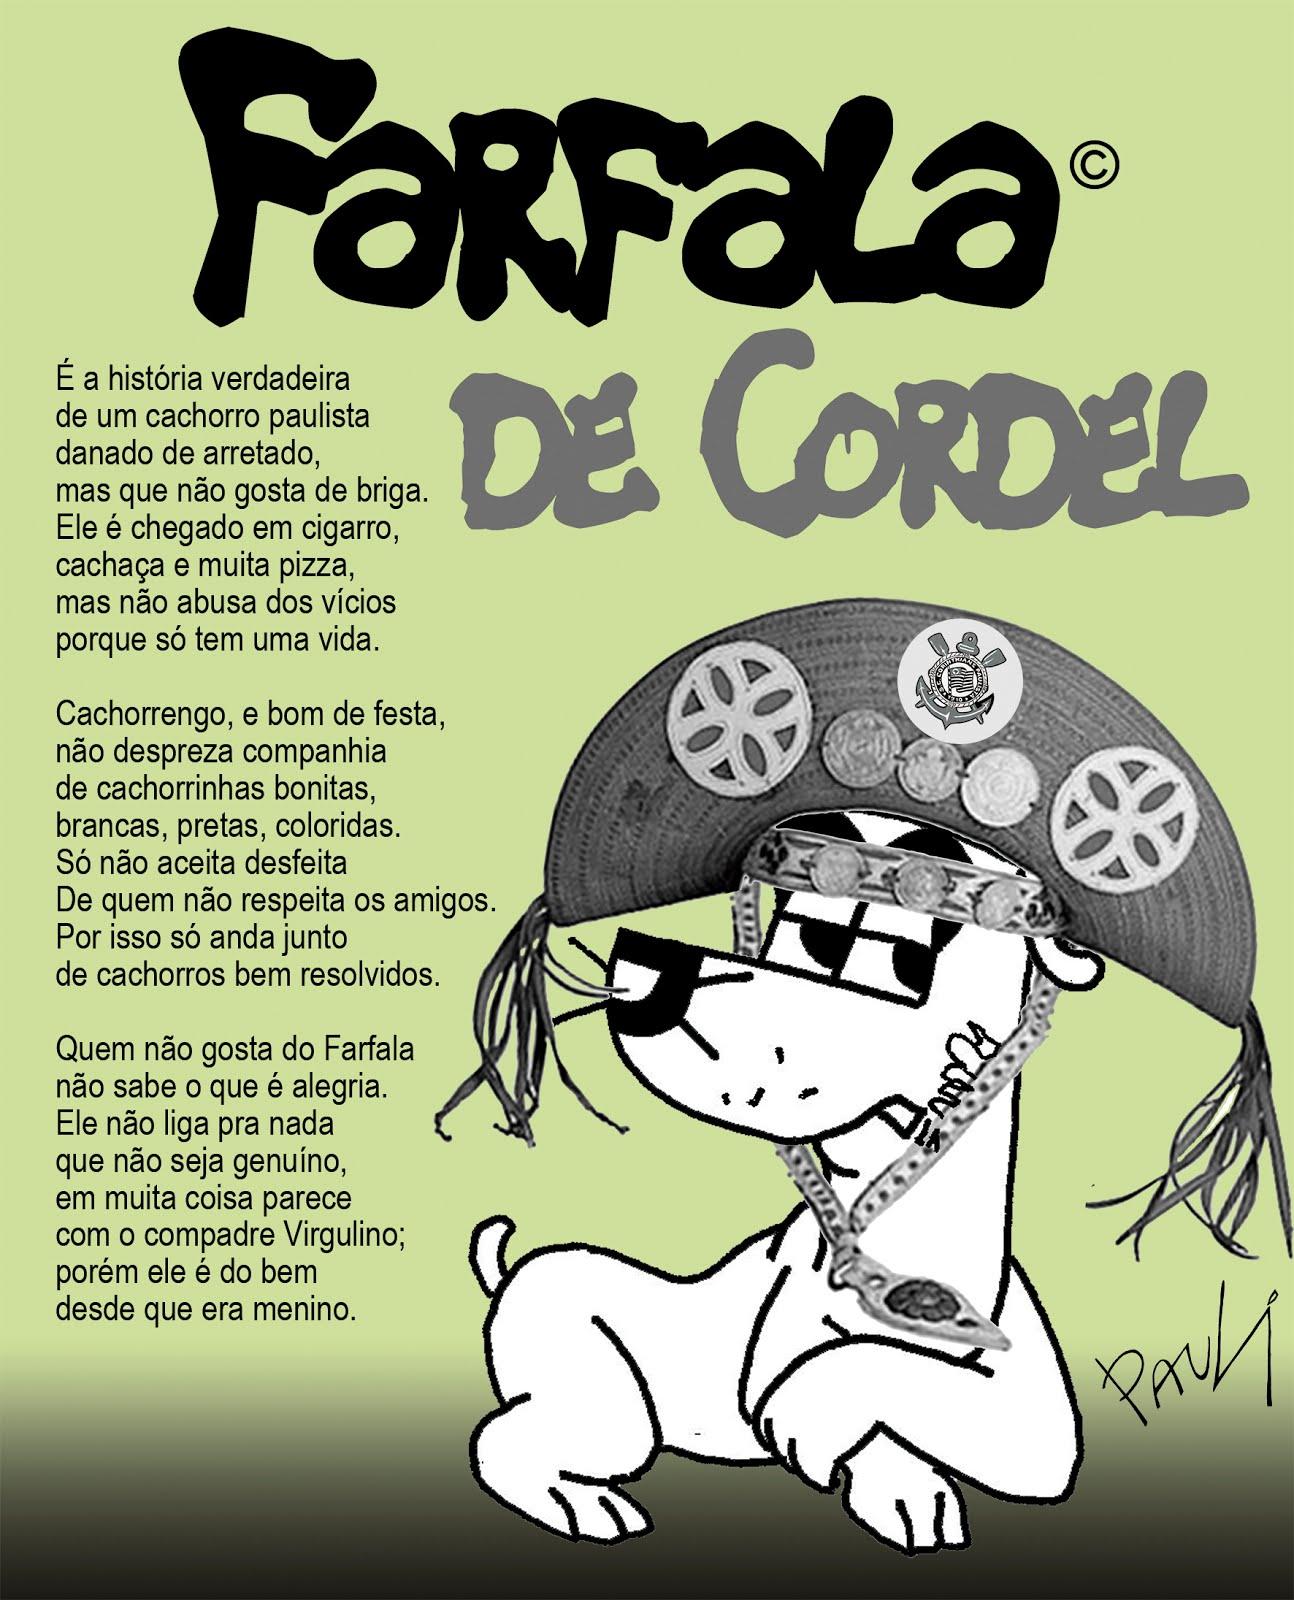 Farfala de cordel